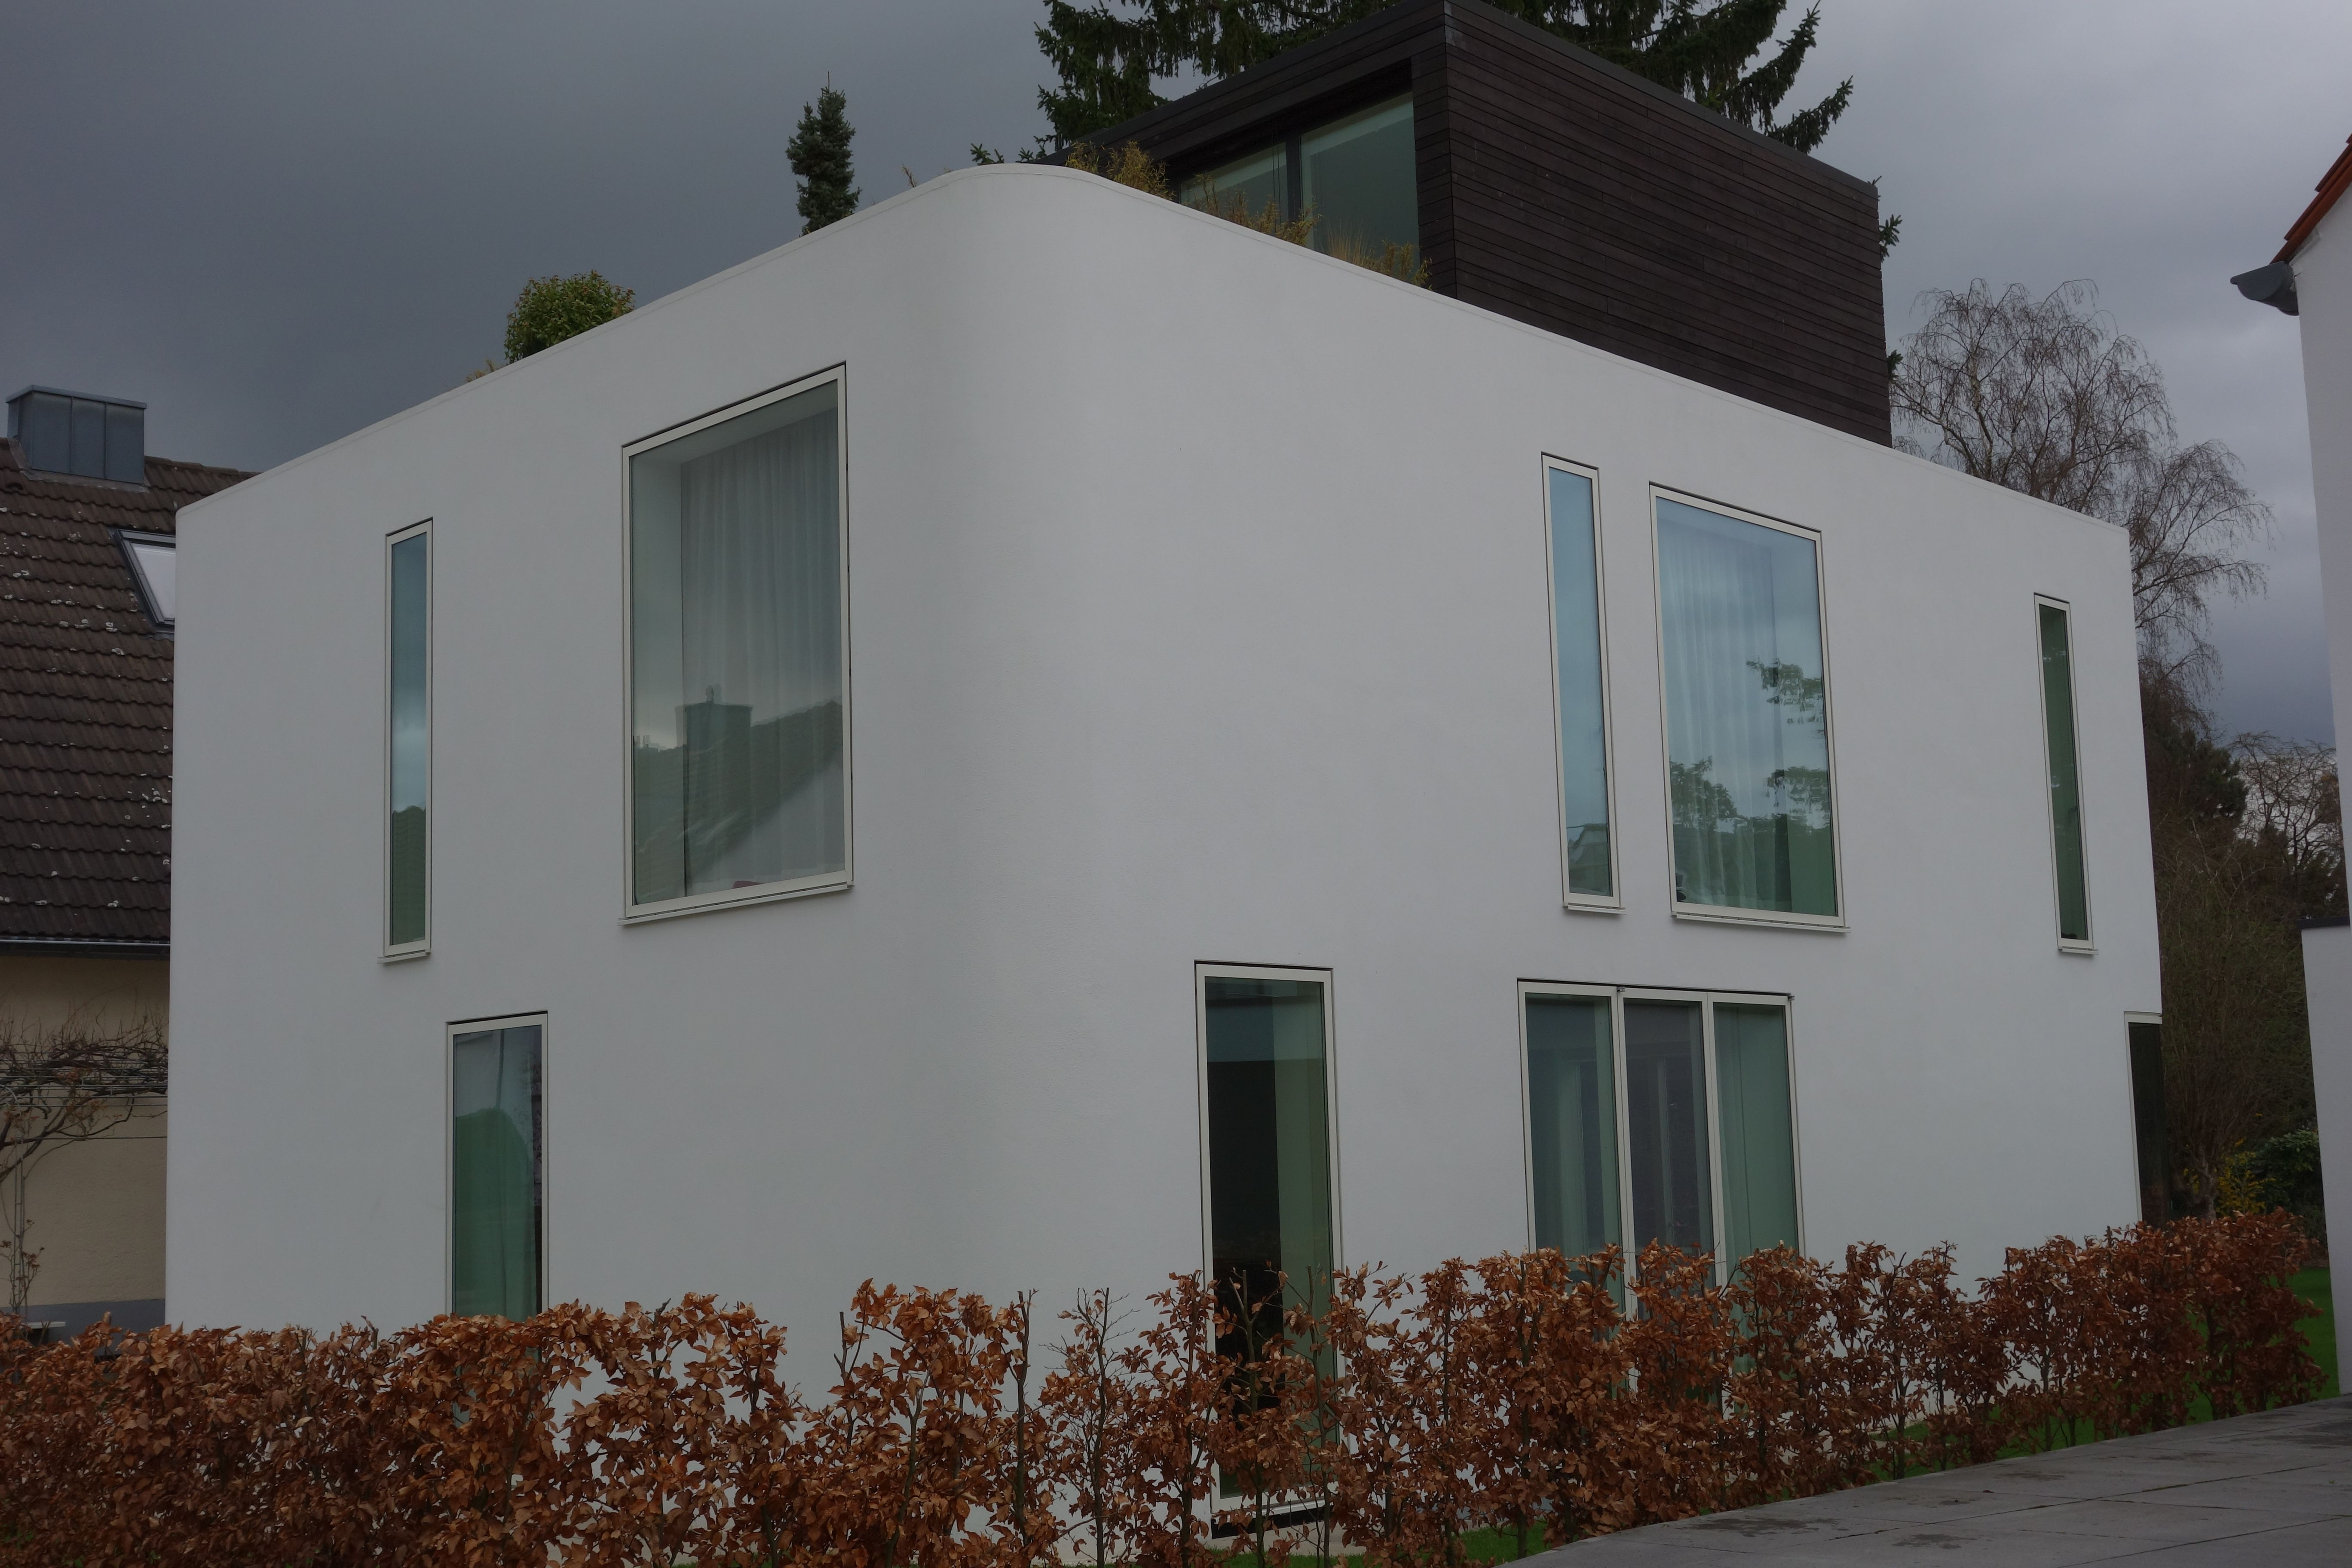 Efh In Koln Velfac Fenster Bodentiefefenster Fassadenbundig Hausbau Haus Holz Alu Wirliebenholz Treppenbau Bodentiefe Fenster Fenster